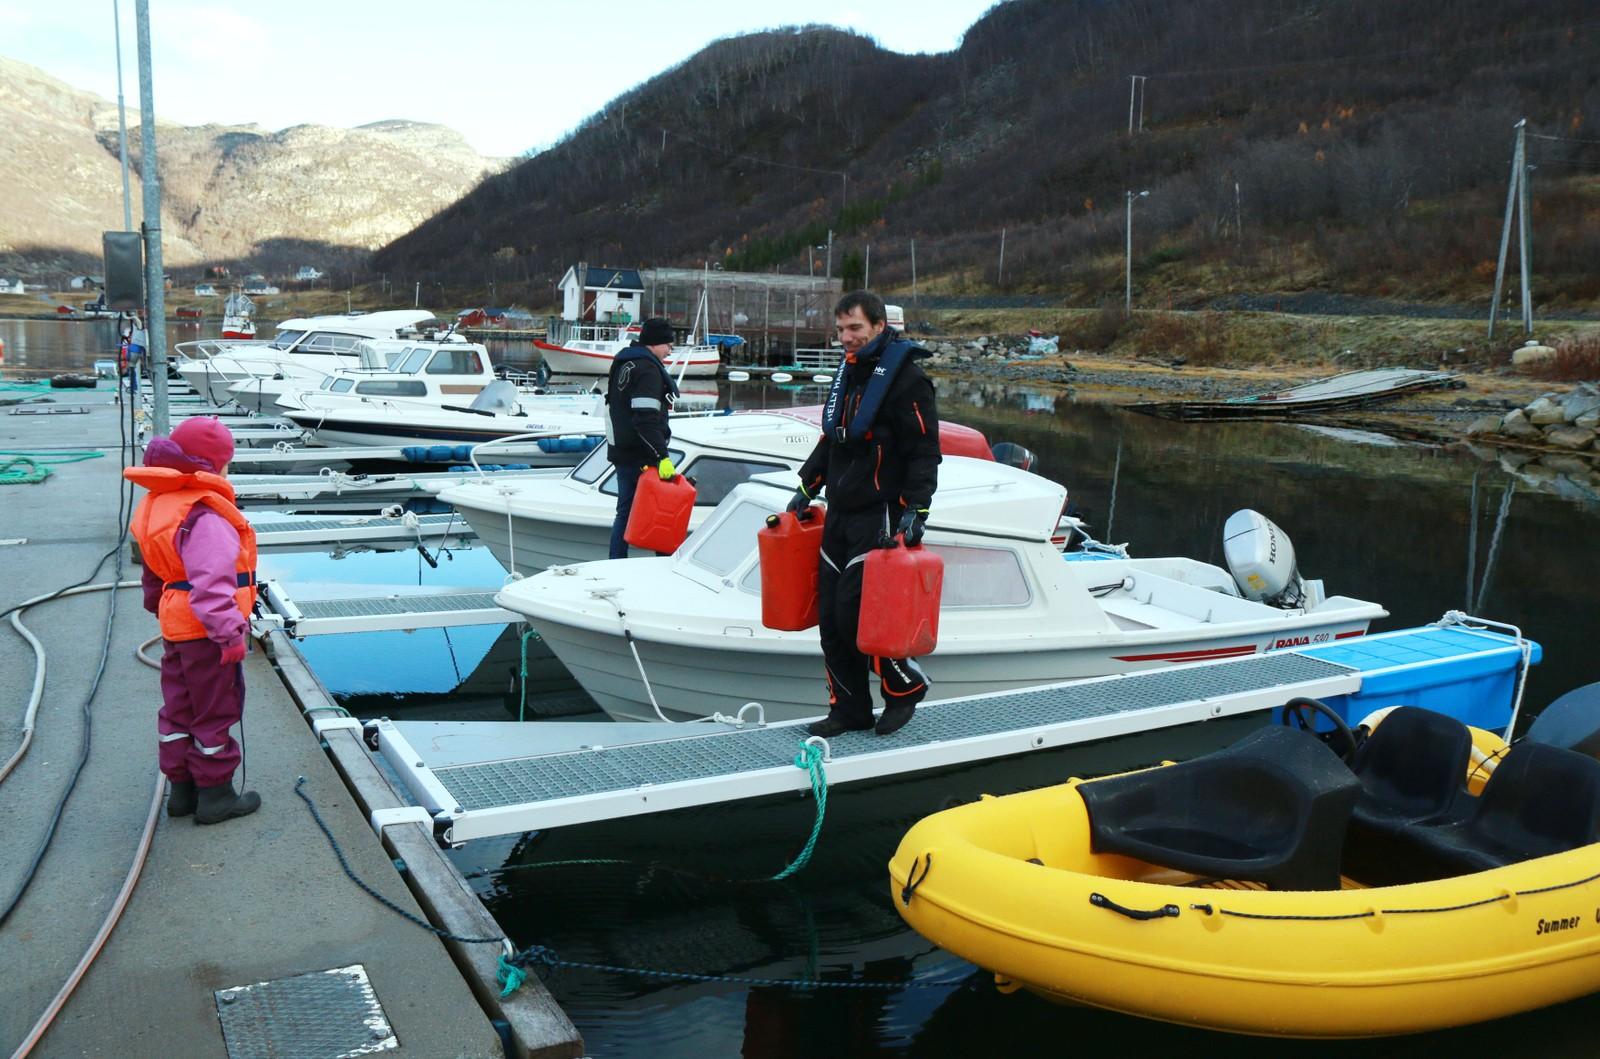 Vegard Nilsen og dattera må bruke båt for å skaffe drivstoff og handle mat.